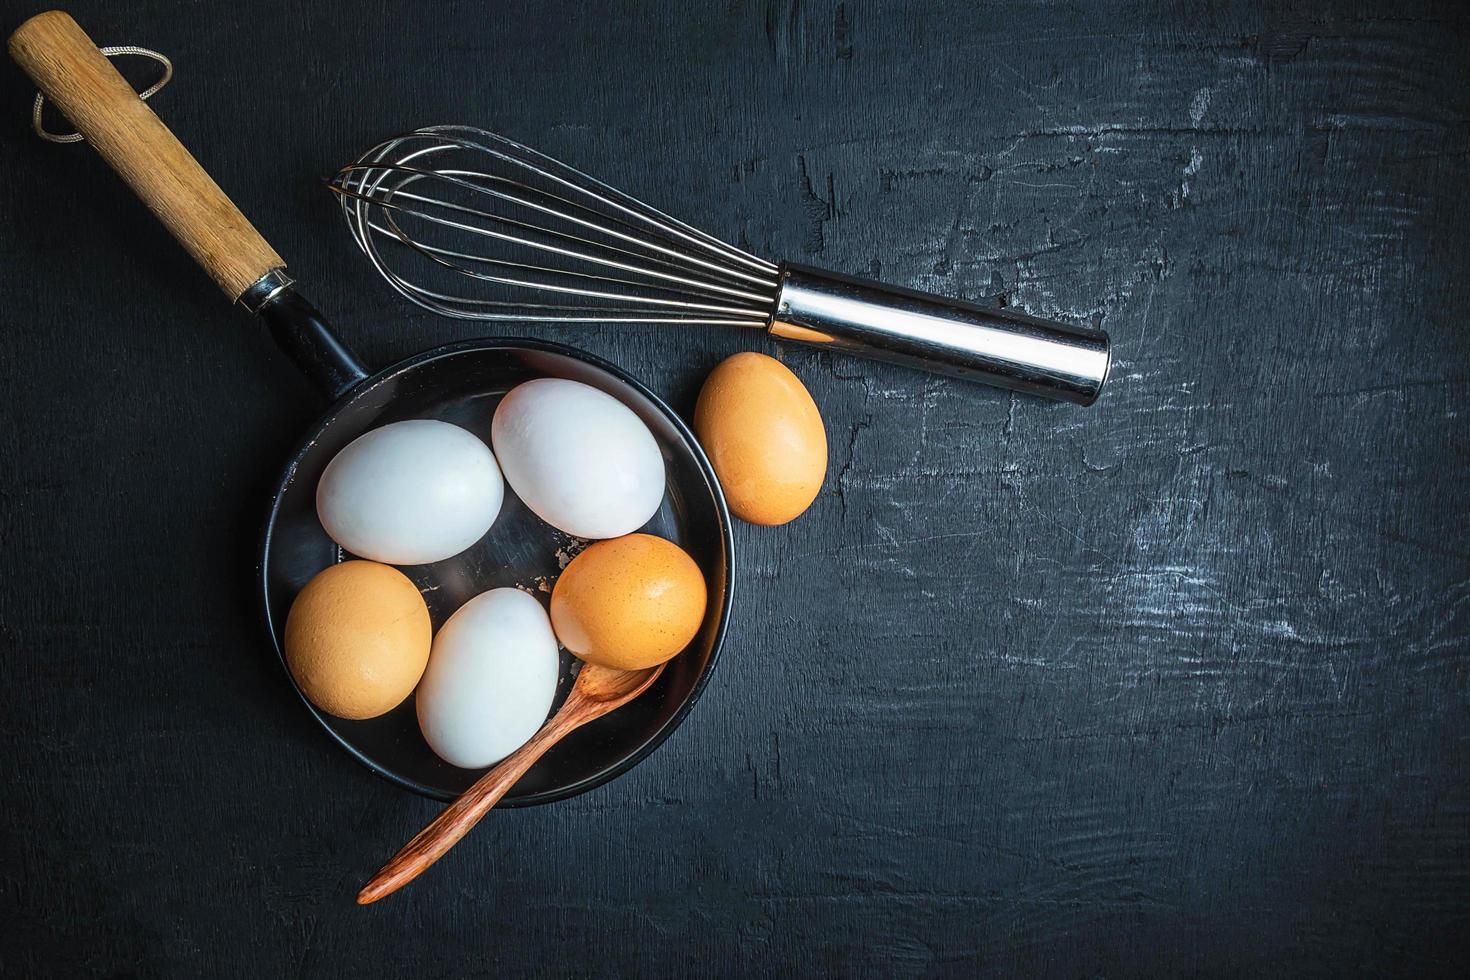 rauwe eieren in een koekenpan met houten lepel en zwaai op een houten tafel achtergrond foto